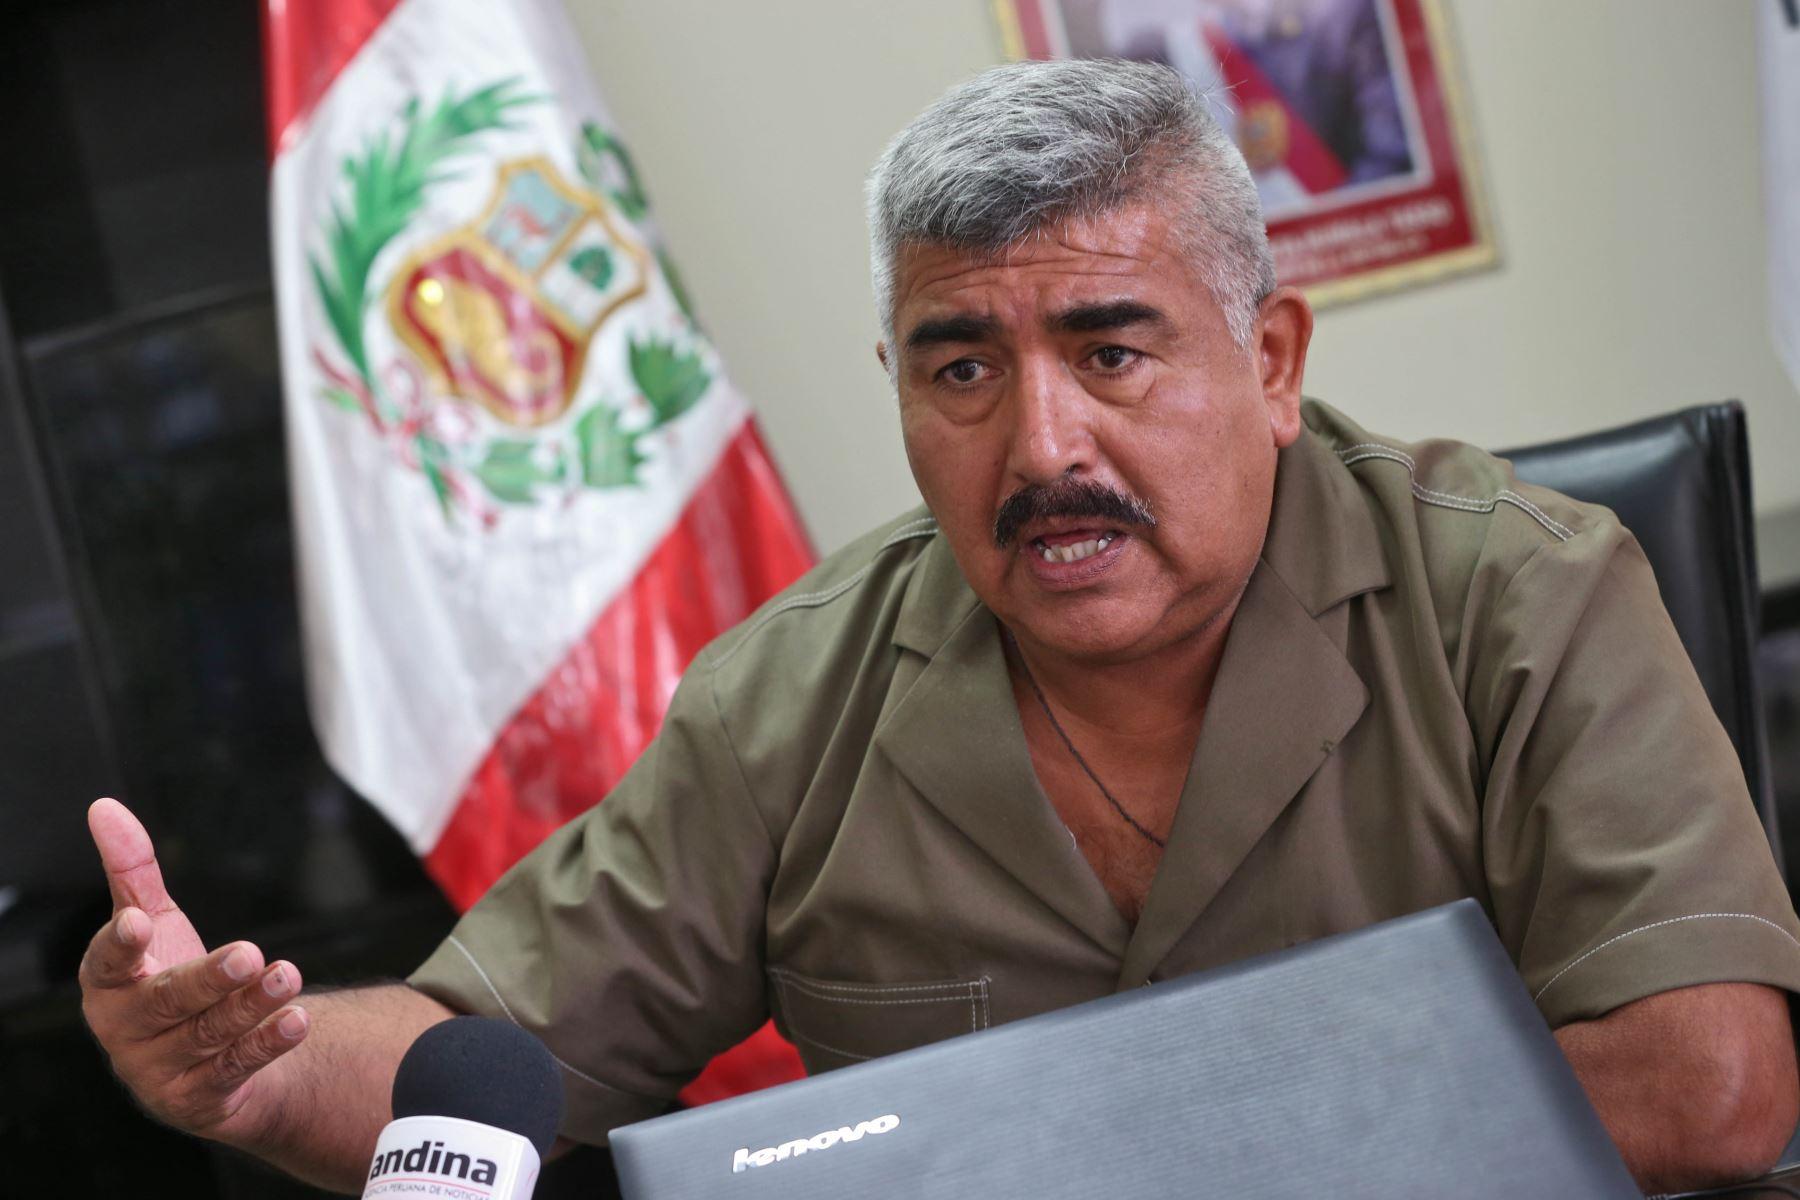 Superintendente de Migraciones, general Edwin Palomino Vega. Foto: ANDINA/Oscar Farje